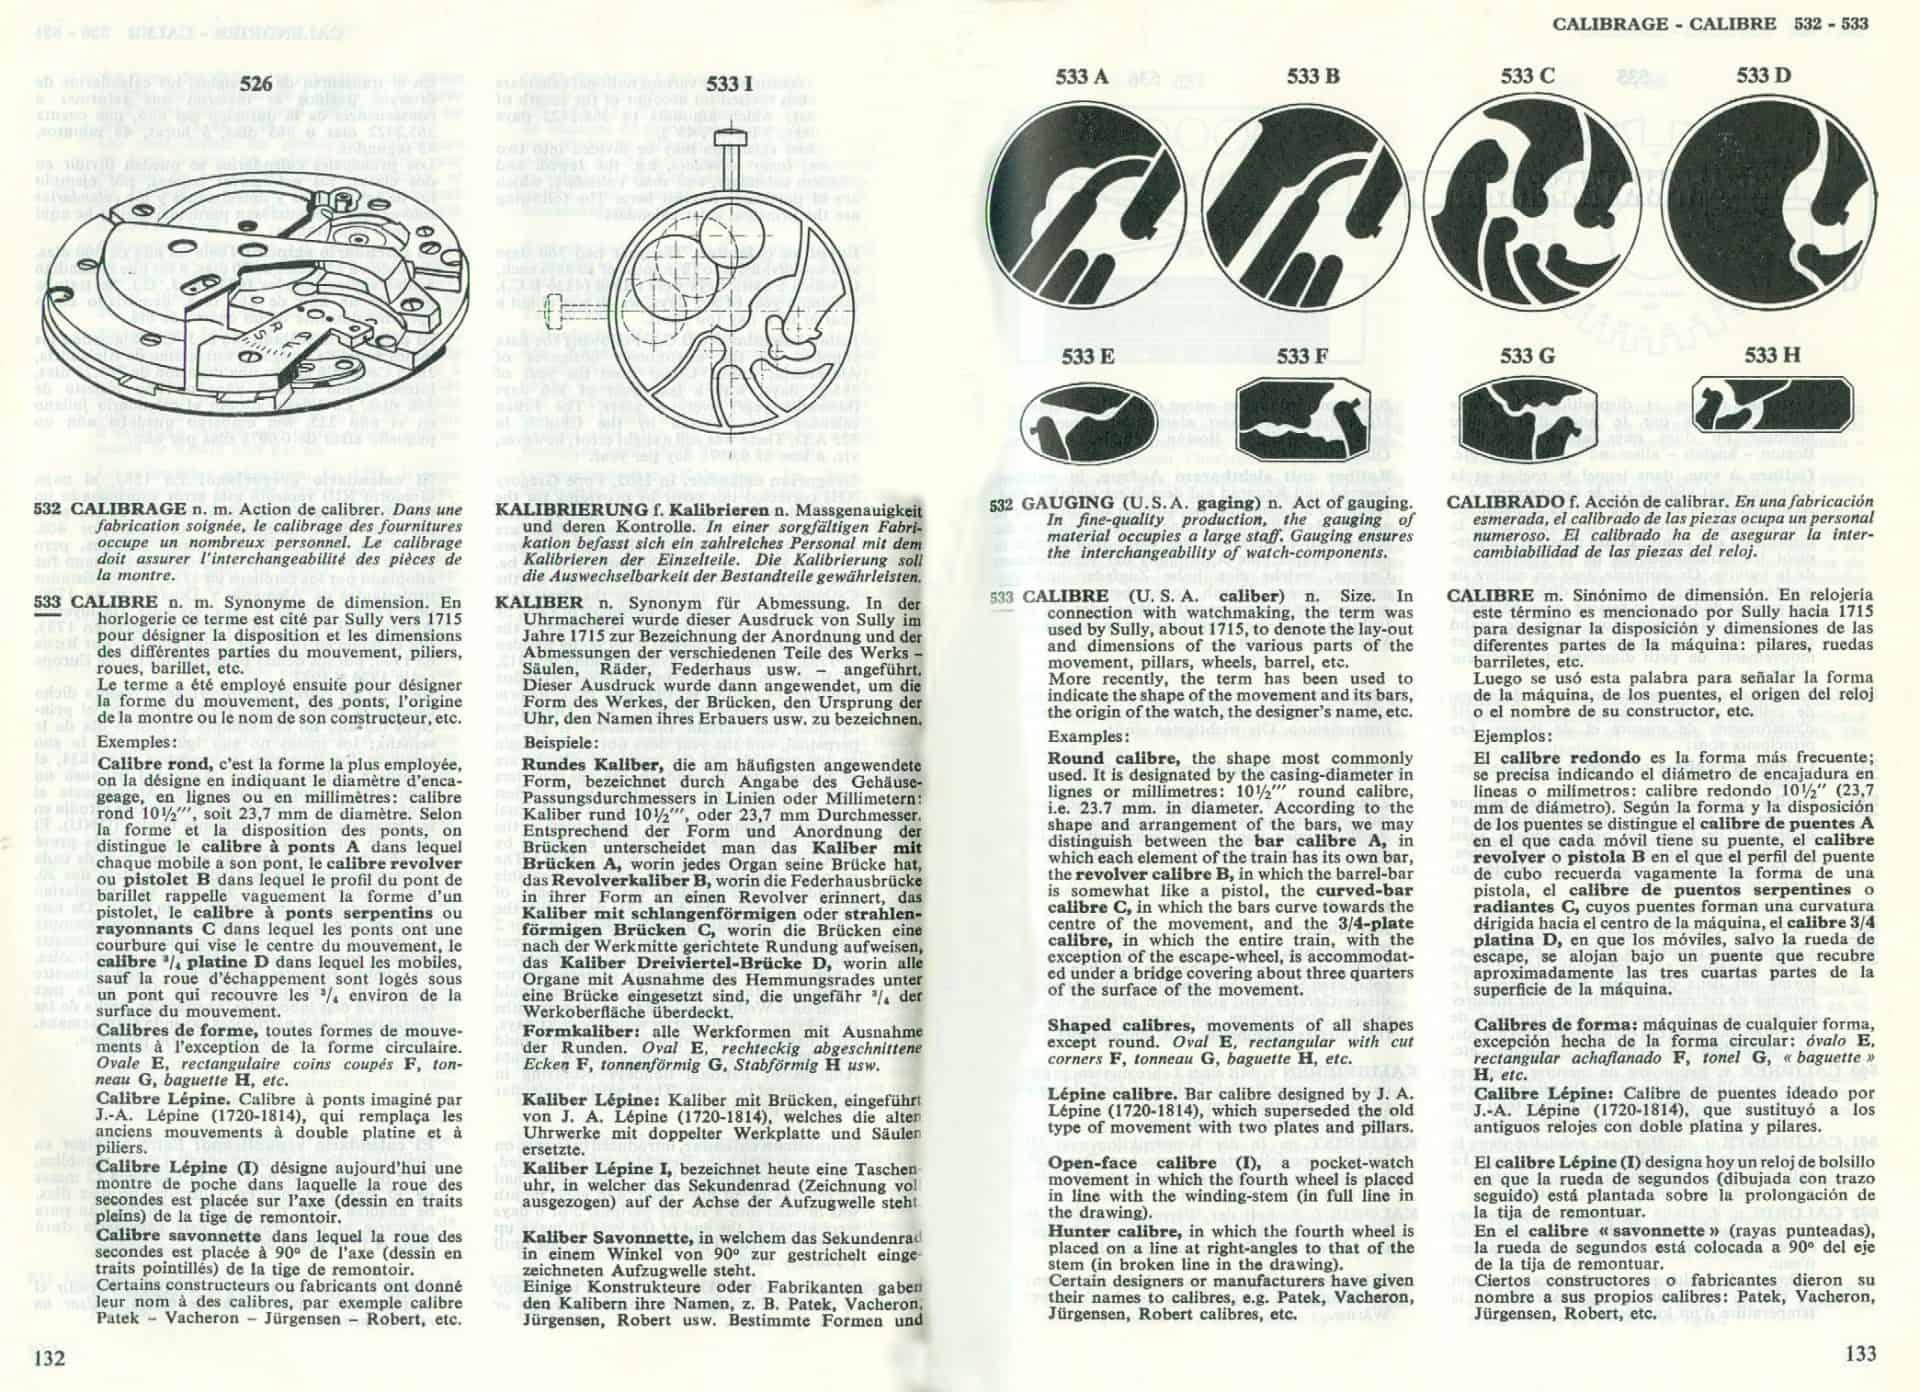 Umfassend un informativ - das Standardwerk der Uhrmacherei von Georges-Albert Berner